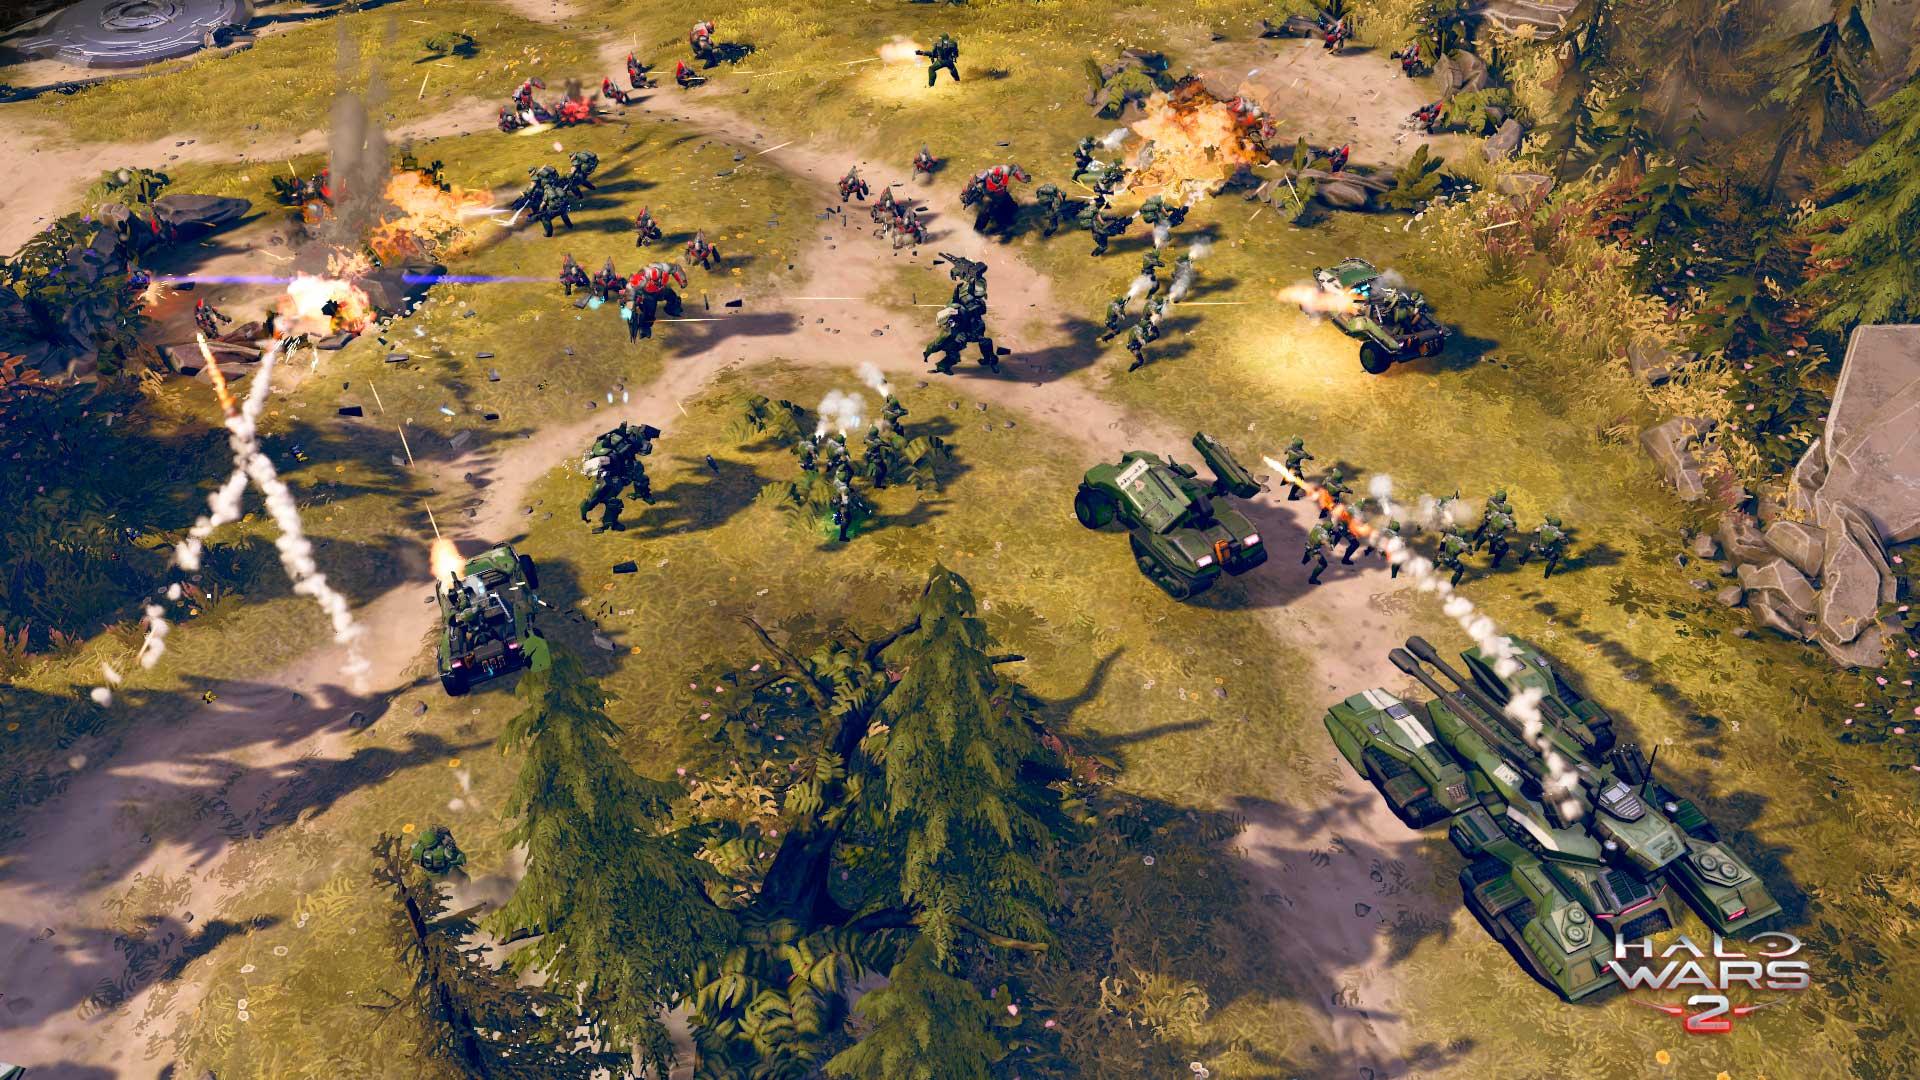 Análisis de Halo Wars 2 en Xbox One y Windows 10 6